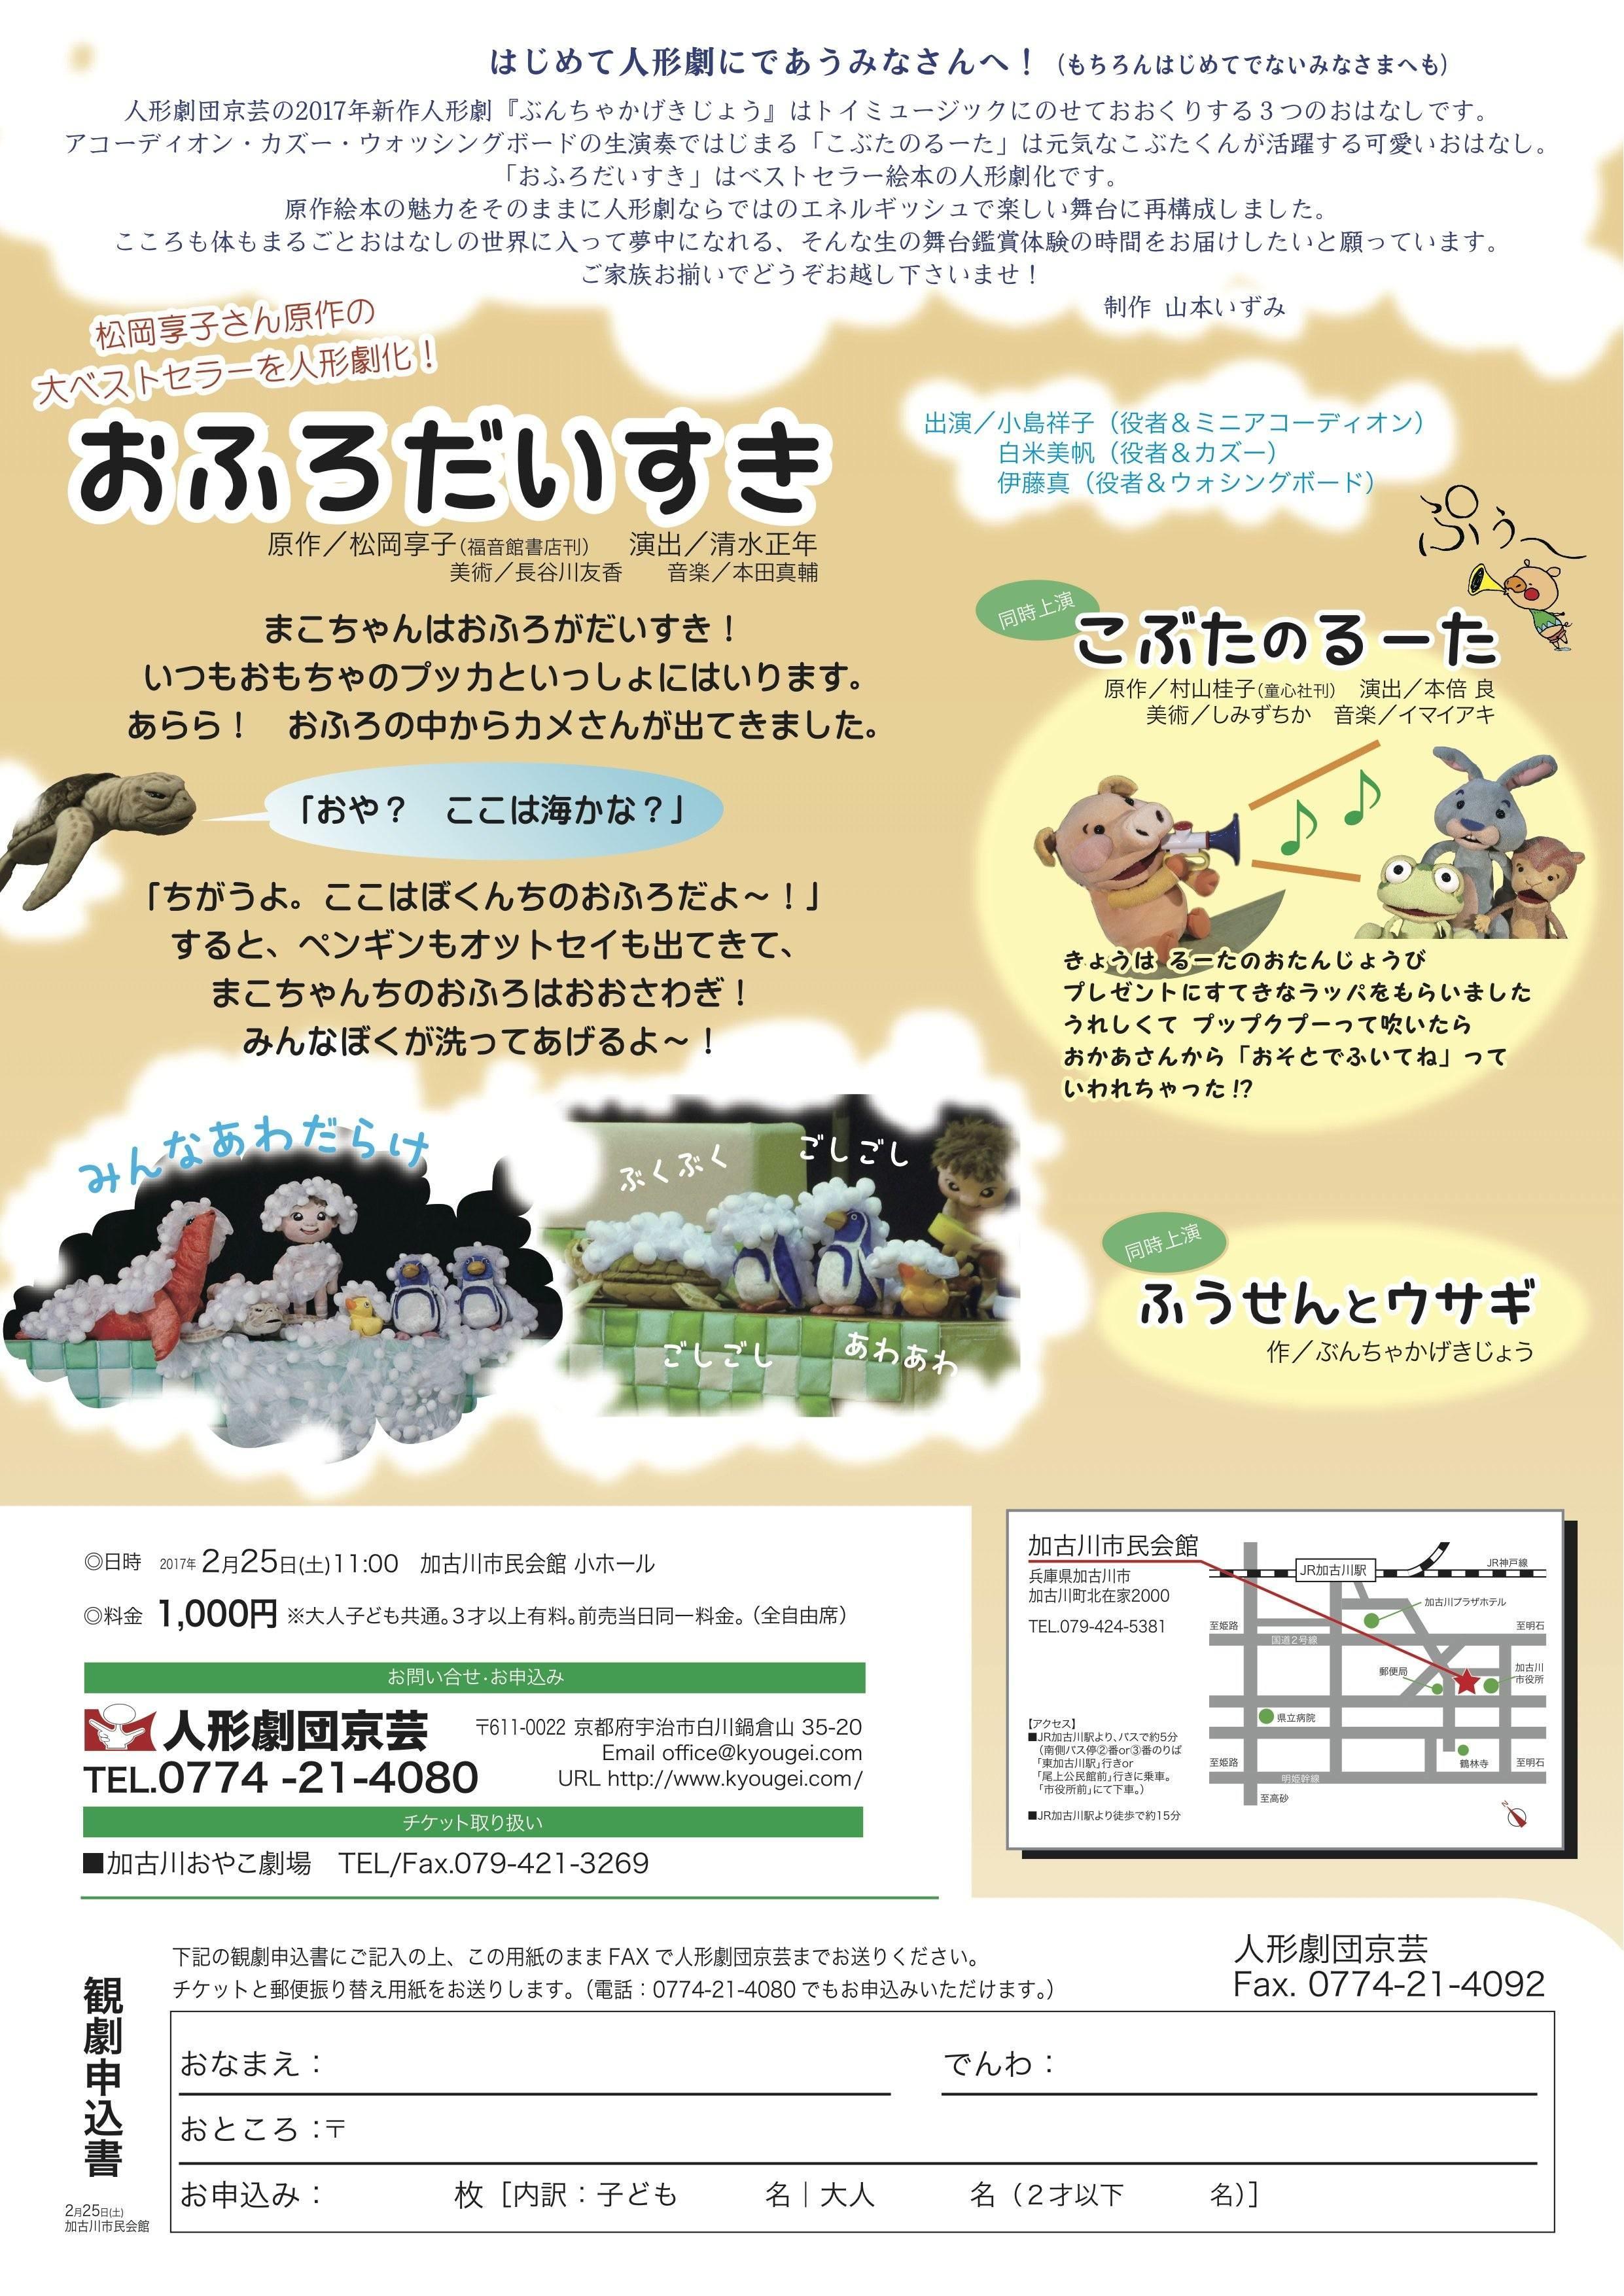 ぶんちゃかチラシ(加古川)ura.jpg